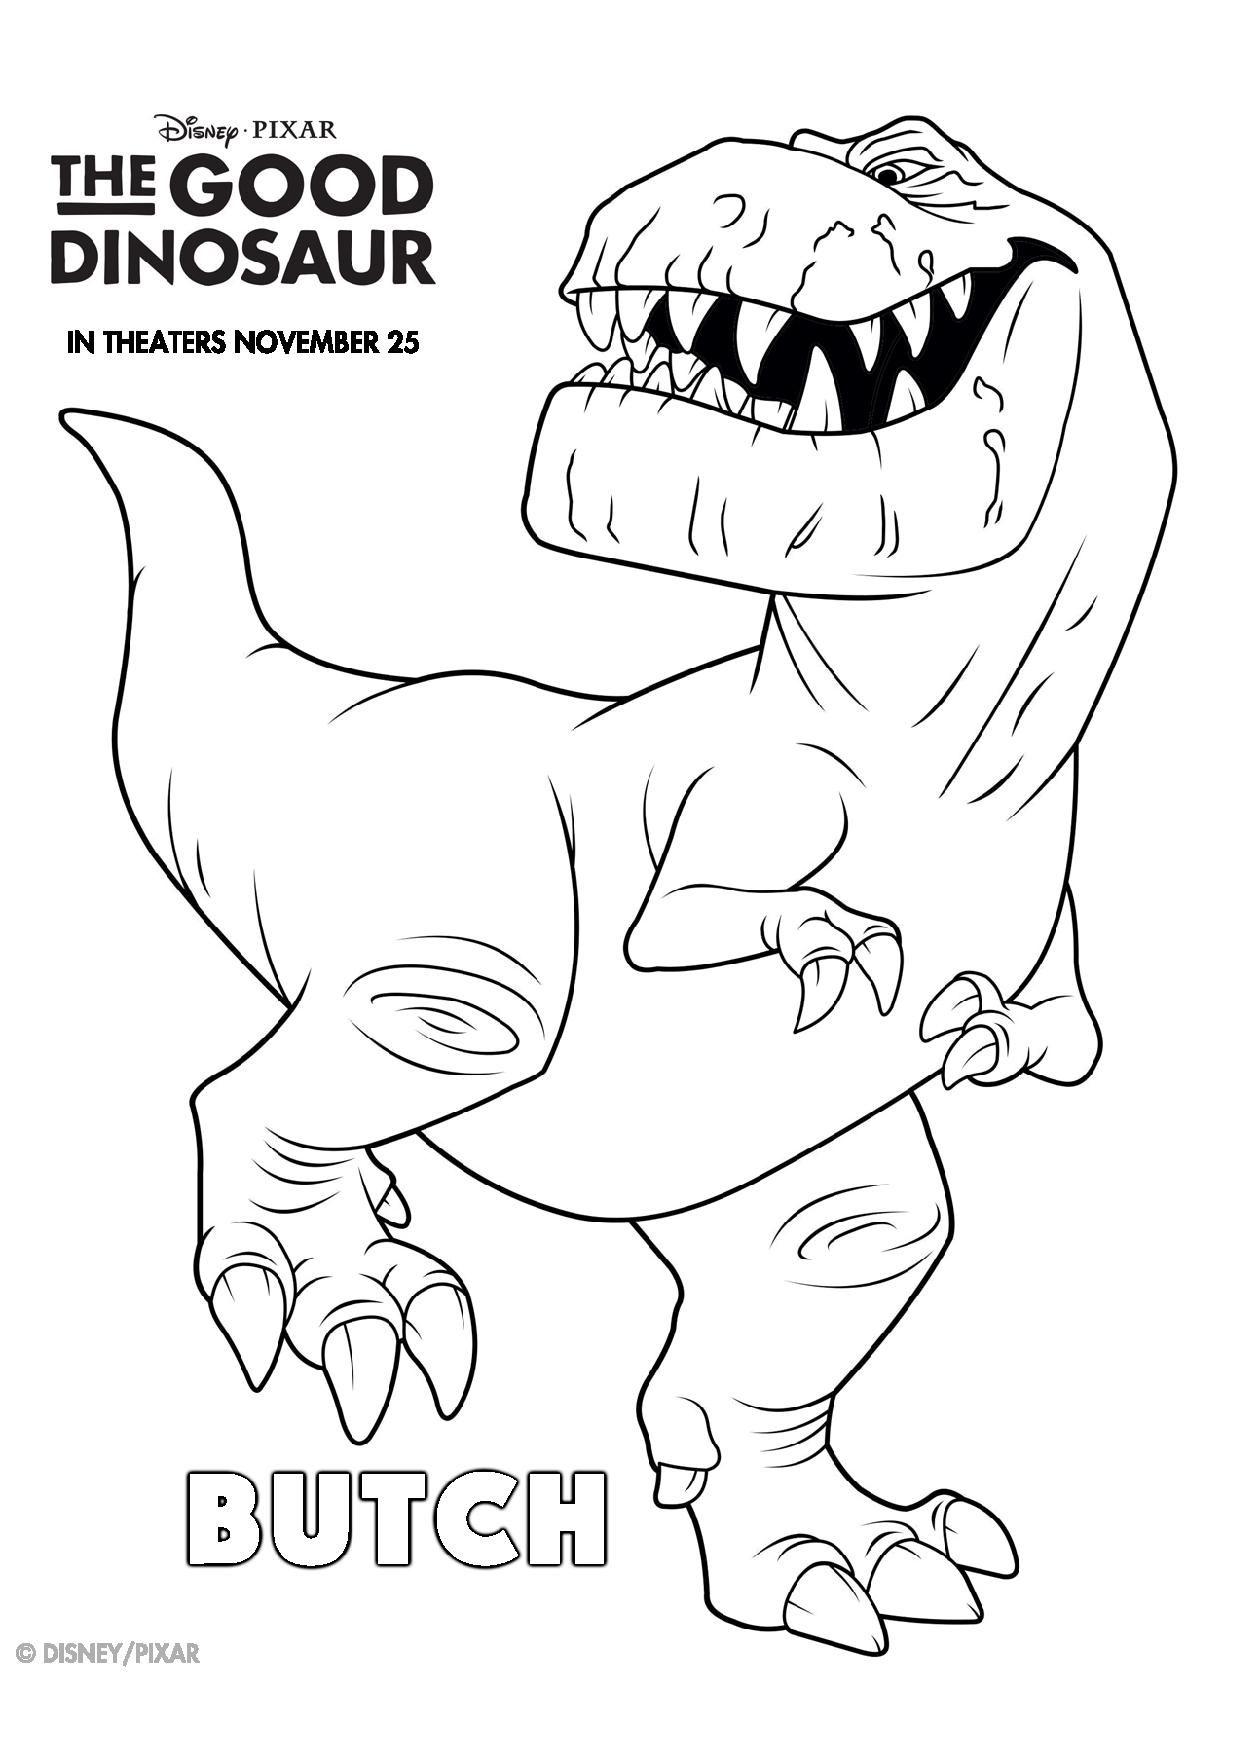 Le voyage d 39 arlo 2 vacances avril pinterest coloriage dinosaure le voyage d 39 arlo et - Modele dessin dinosaure ...